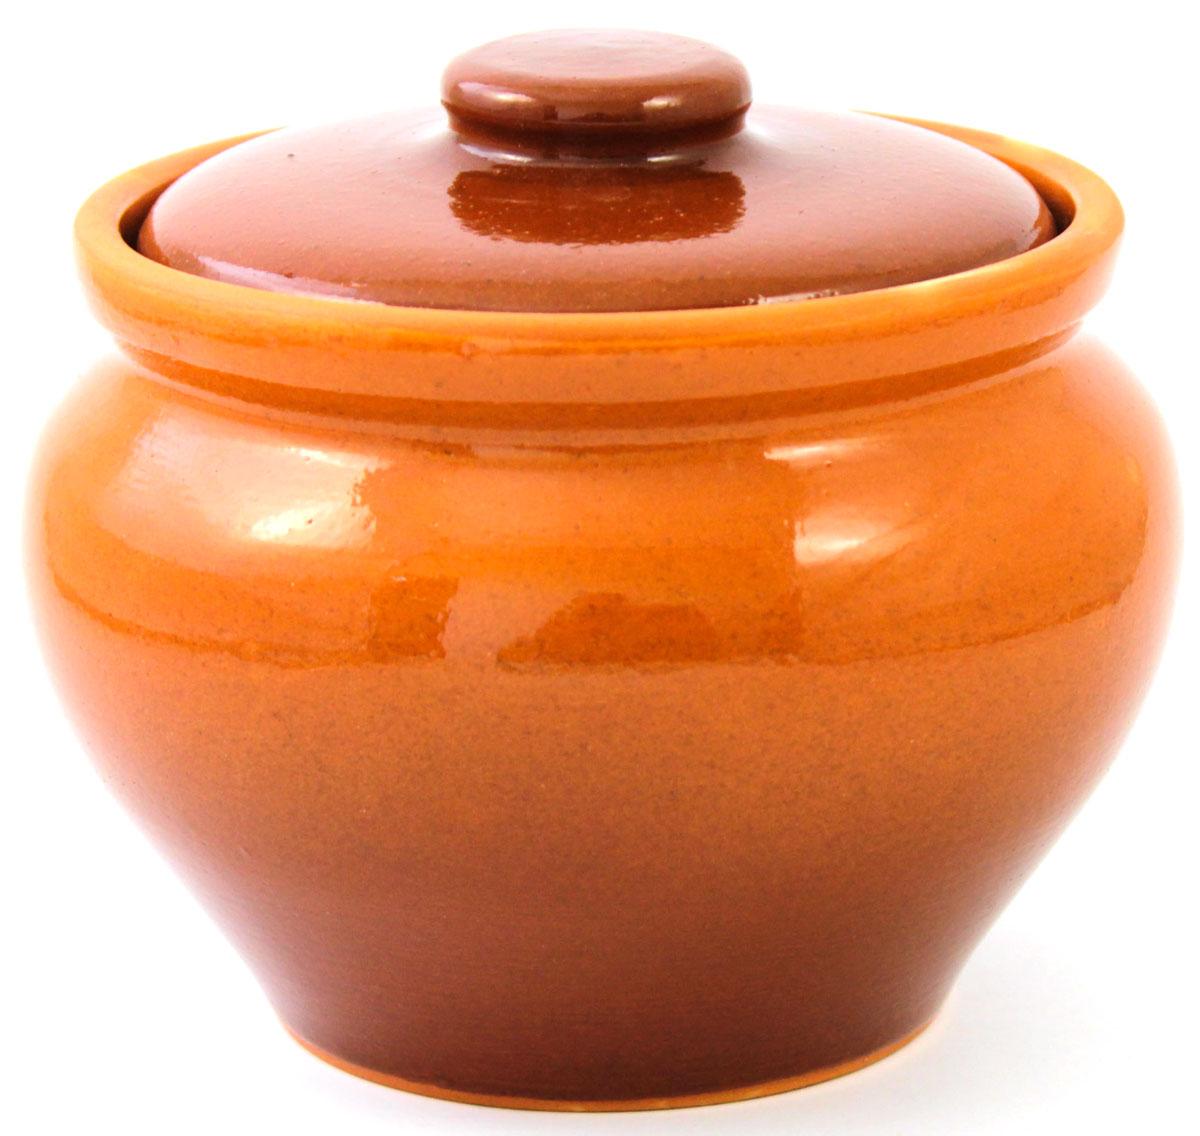 Горшок для запекания Ломоносовская керамика, с крышкой, цвет: коричневый, 800 мл1Г3-11Горшок для запекания Ломоносовская керамика с крышкой выполнен из высококачественной глины. Уникальные свойства глины и толстые стенки изделия обеспечивают эффект русской печи при приготовлении блюд. Блюда, приготовленные в керамическом горшке, получаются нежными исочными. Вы сможете приготовить мясо, сделать томленые овощи и все это без капли масла. Этоодин из самых здоровых способов готовки.